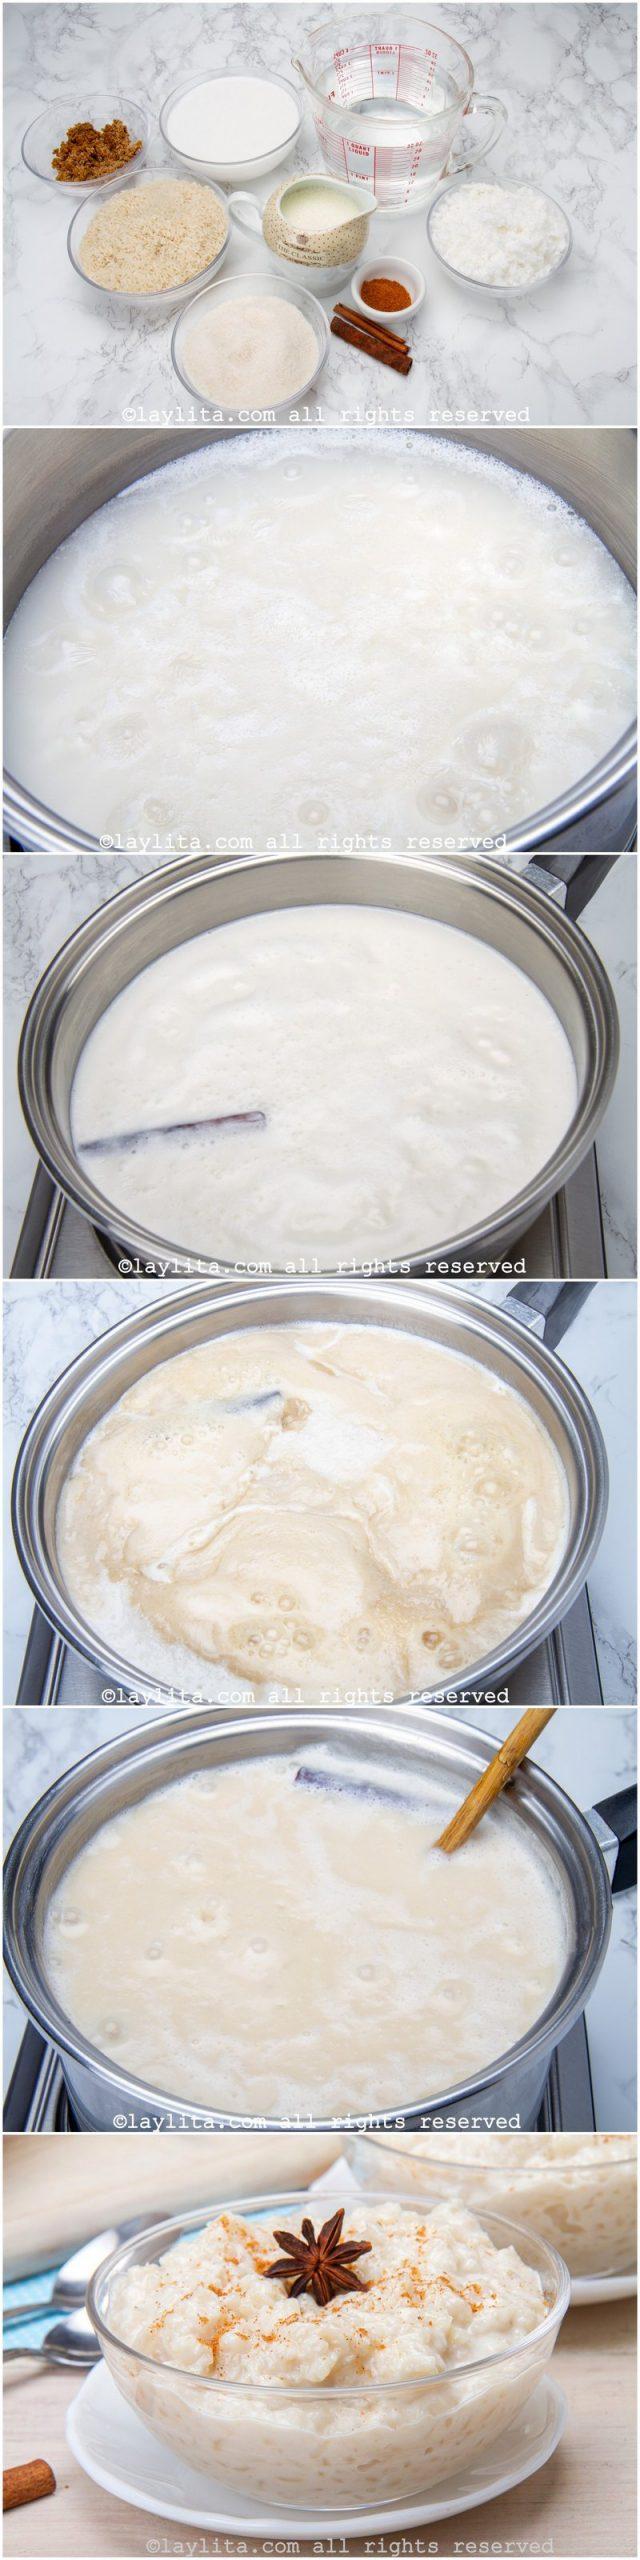 Como hacer postre de arroz con coco - fotos paso a paso